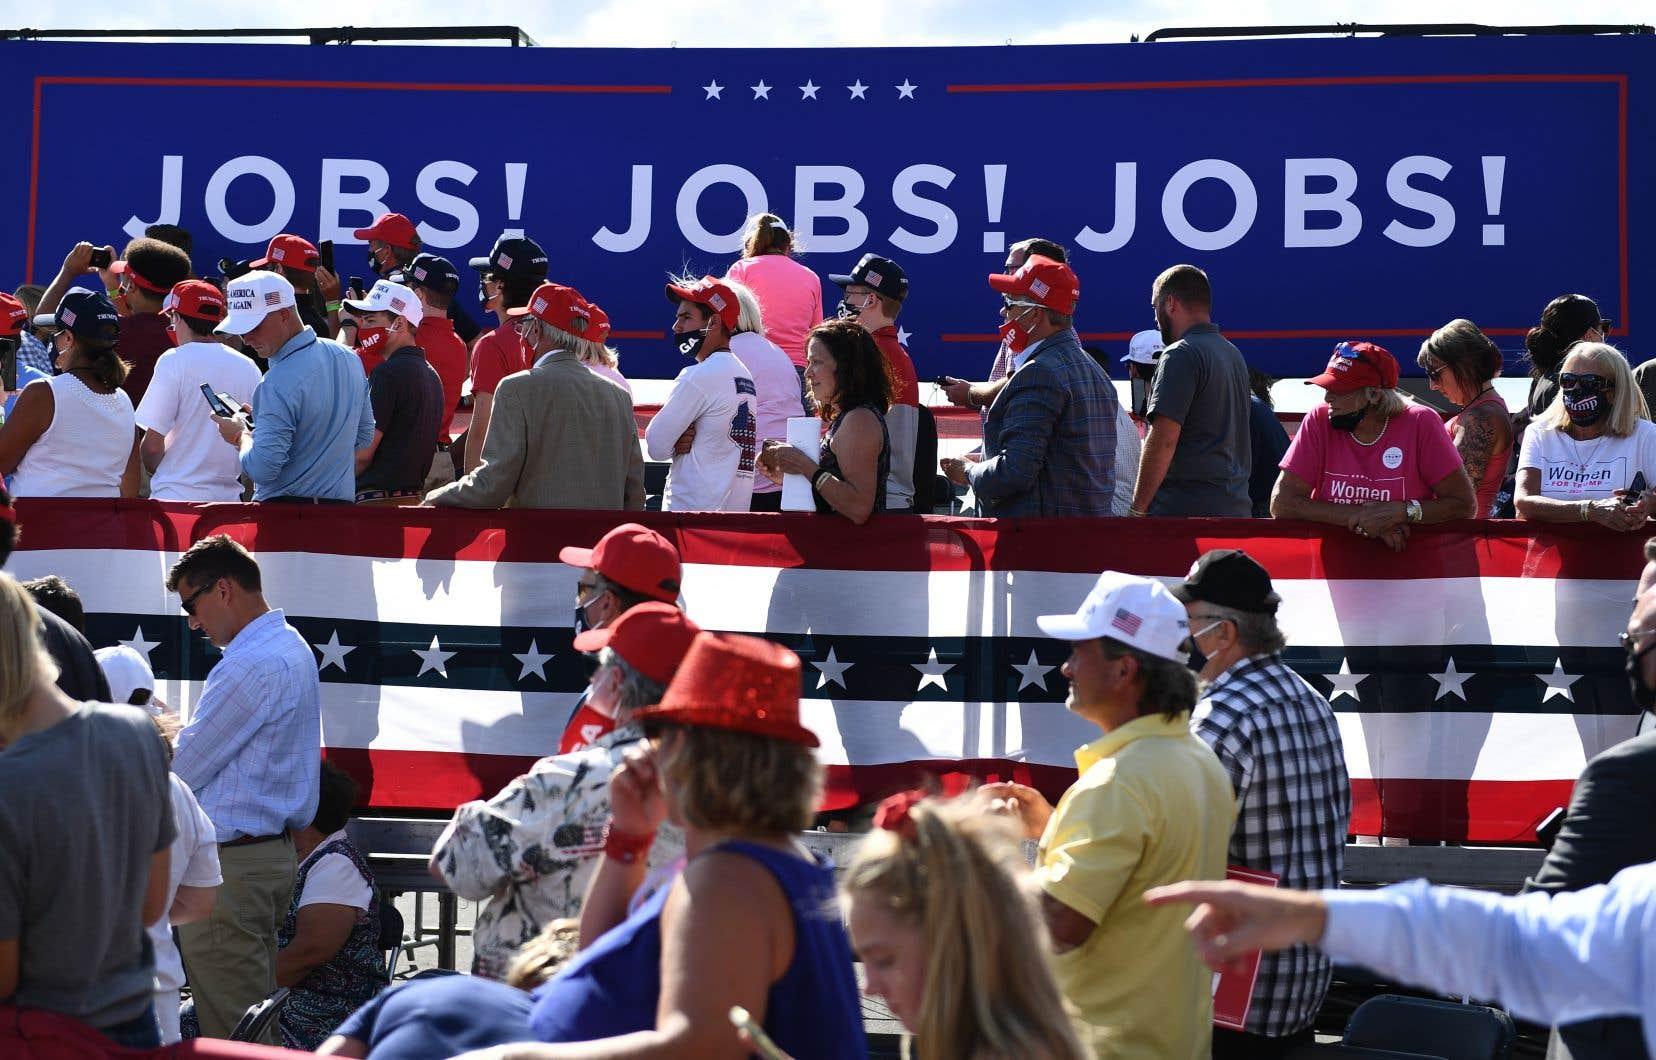 De nombreux analystes estiment aujourd'hui que ce n'est pas Donald Trump, mais Joe Biden, qui présente le meilleur plan de match en matière de création d'emplois et de croissance économique à long terme.